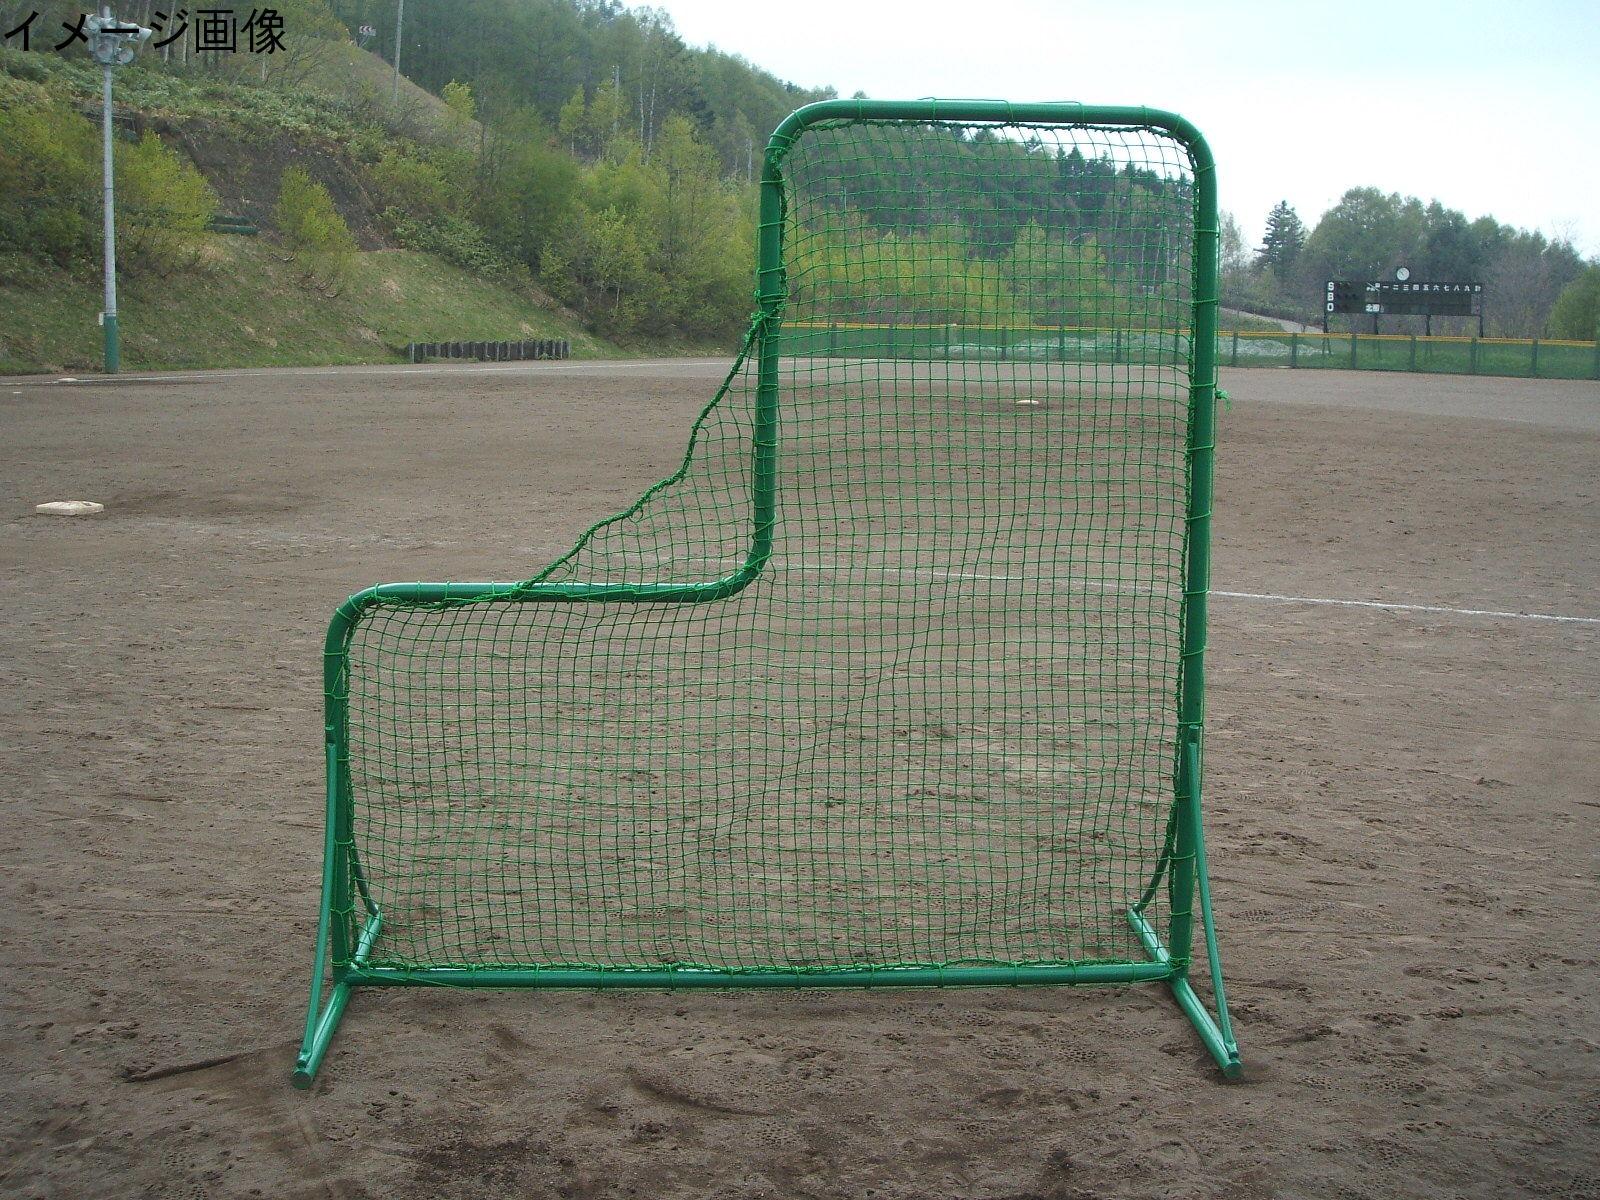 野球 防球ネット 組立式 防護ネット 防球フェンス L型ピッチャーカバー 2M×2M □37.5/90本【受注生産品】